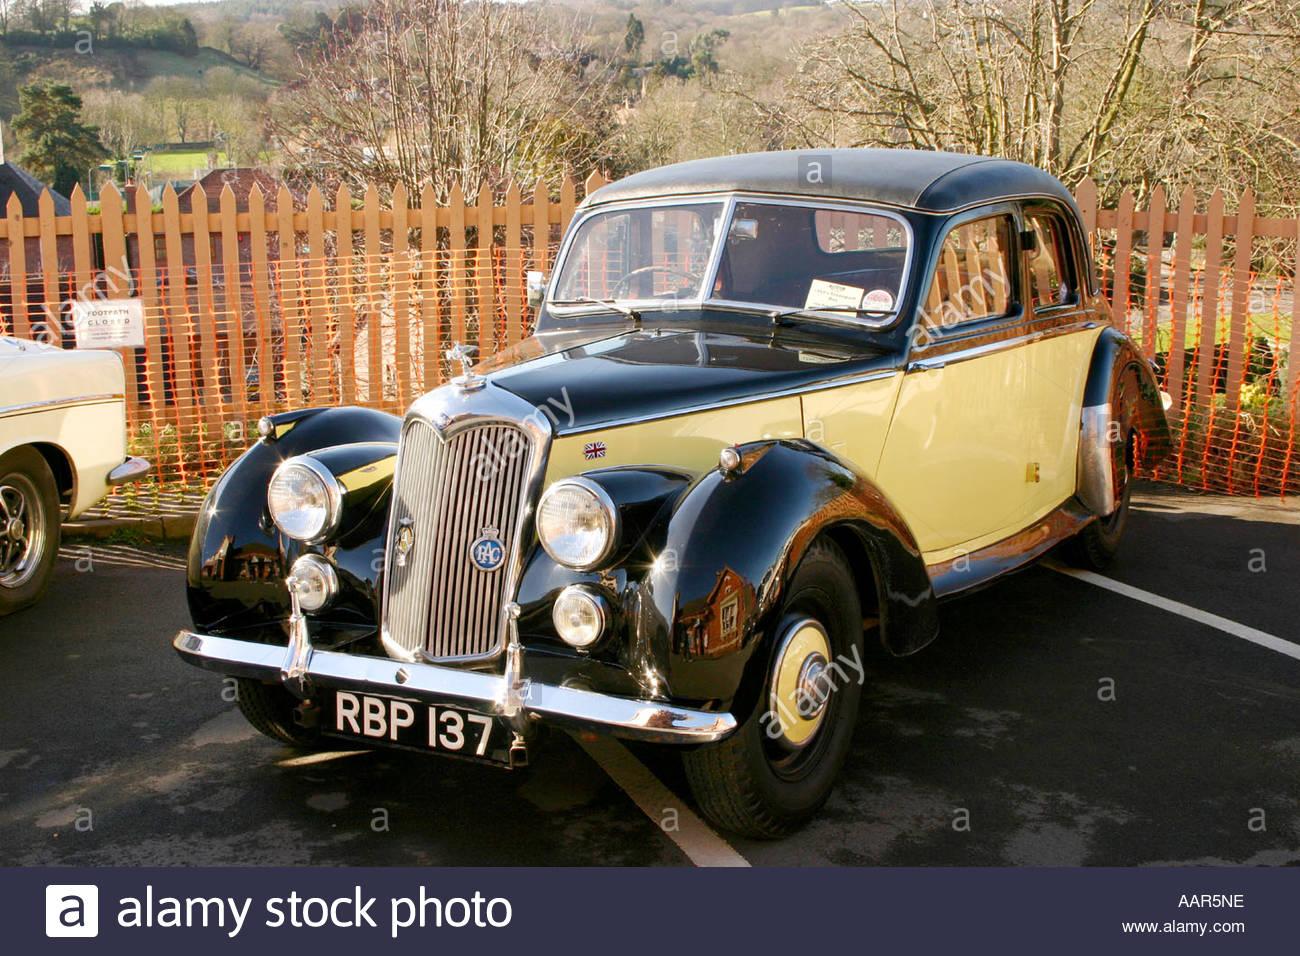 find vintage car rily rme 1954